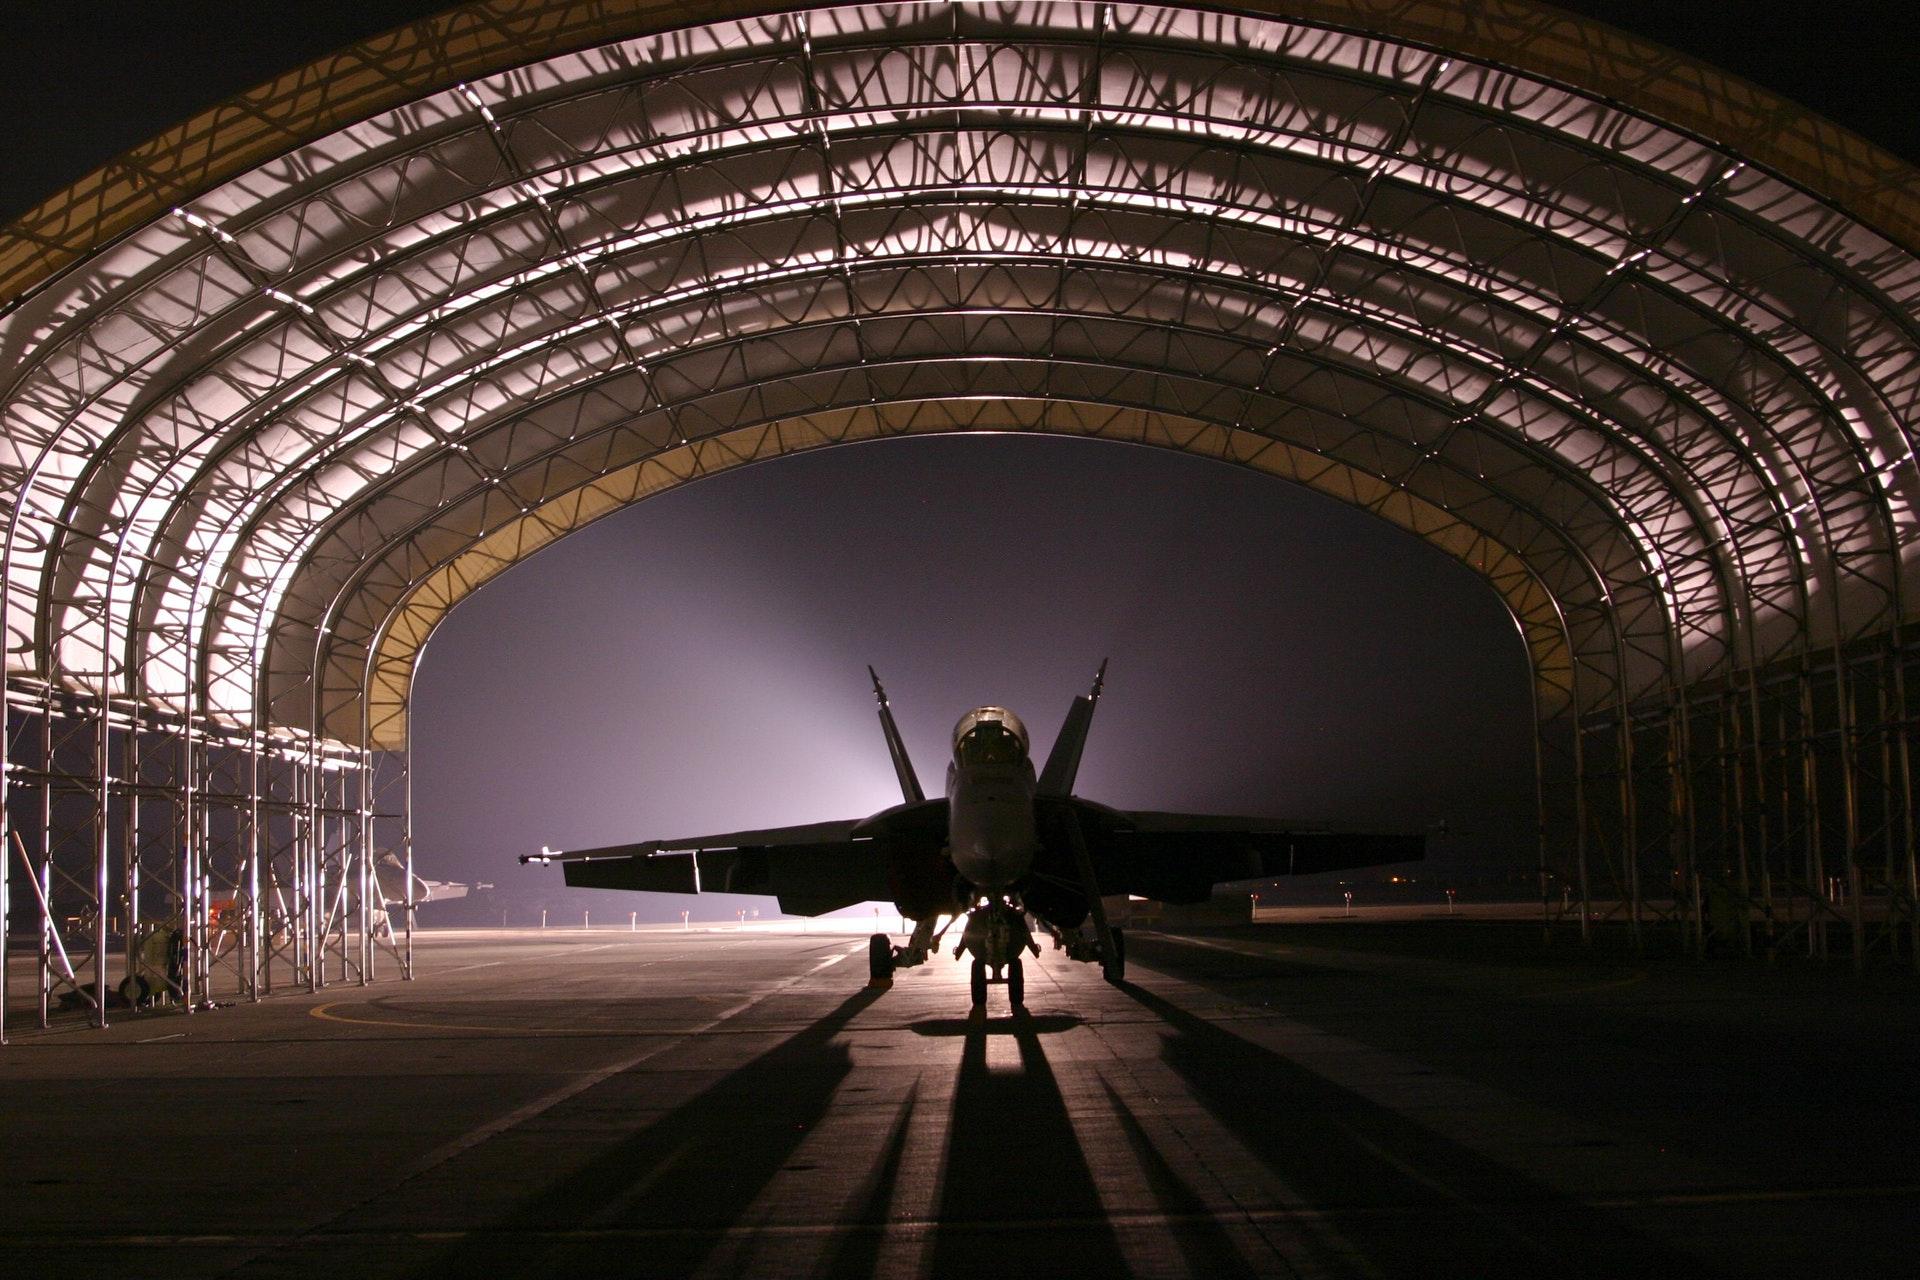 hangar-jet-aircraft-fighter-72593.jpeg